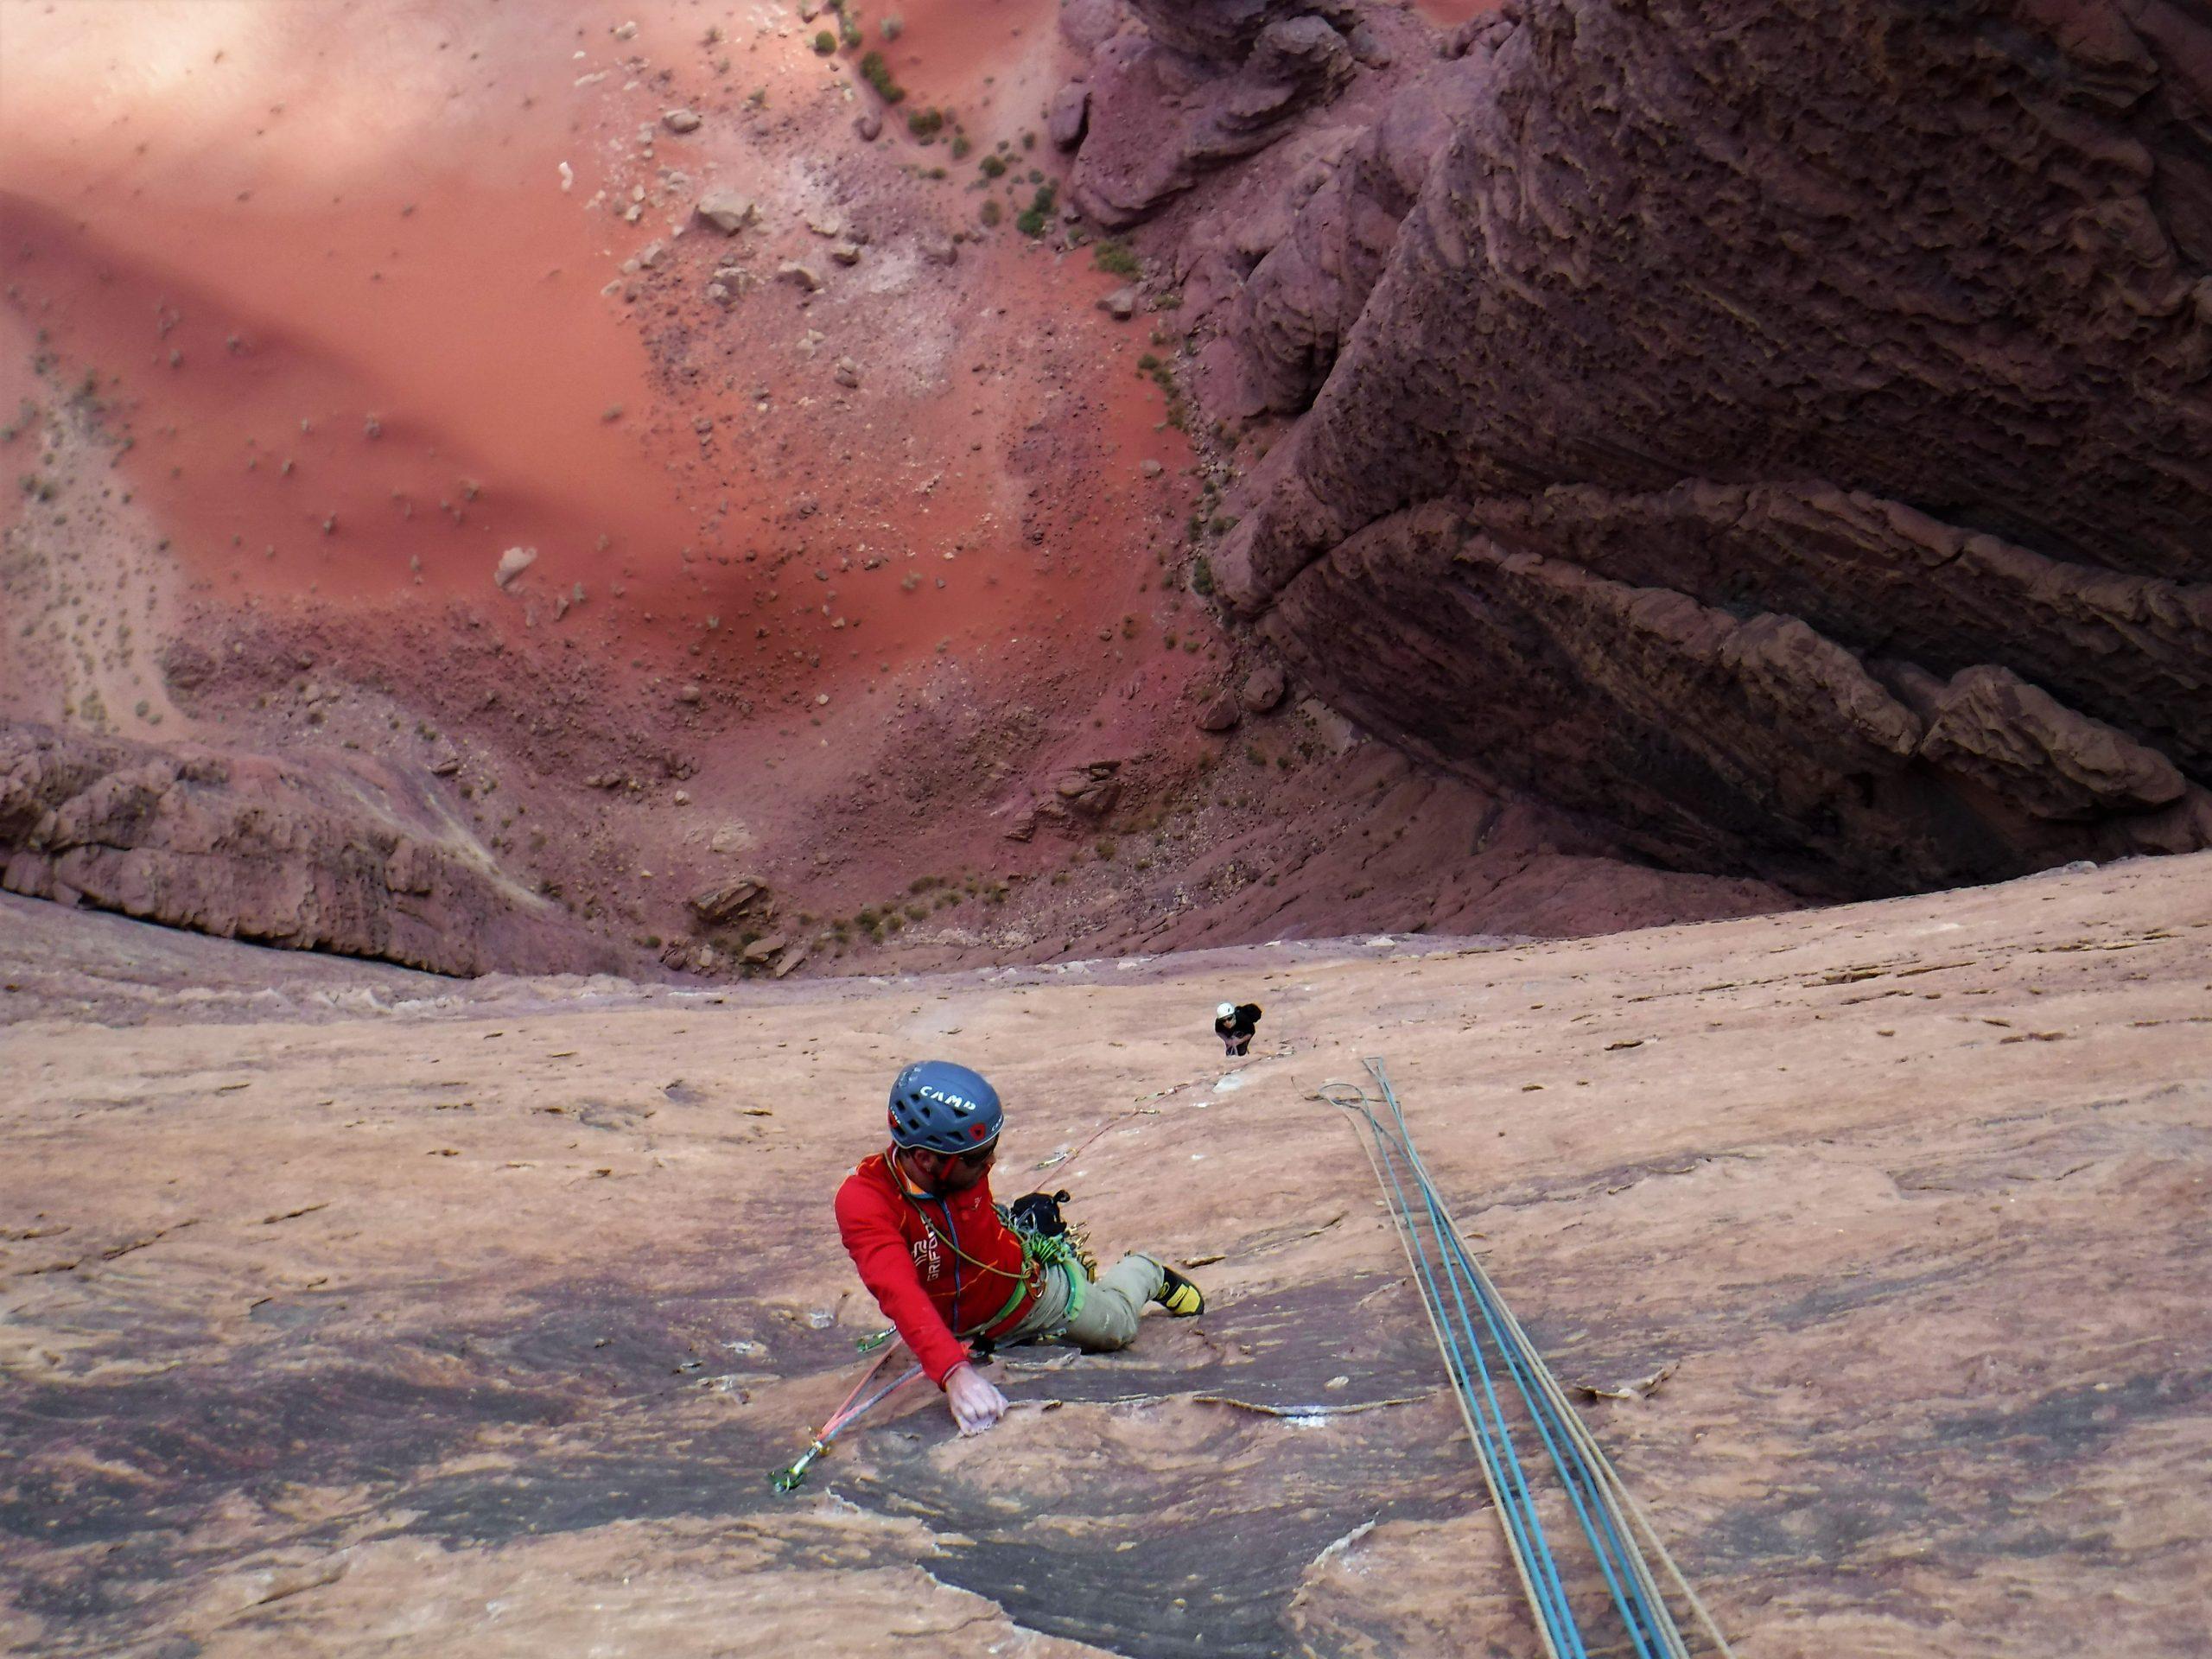 Escalada en Jordania. Desierto de Wadi Rum